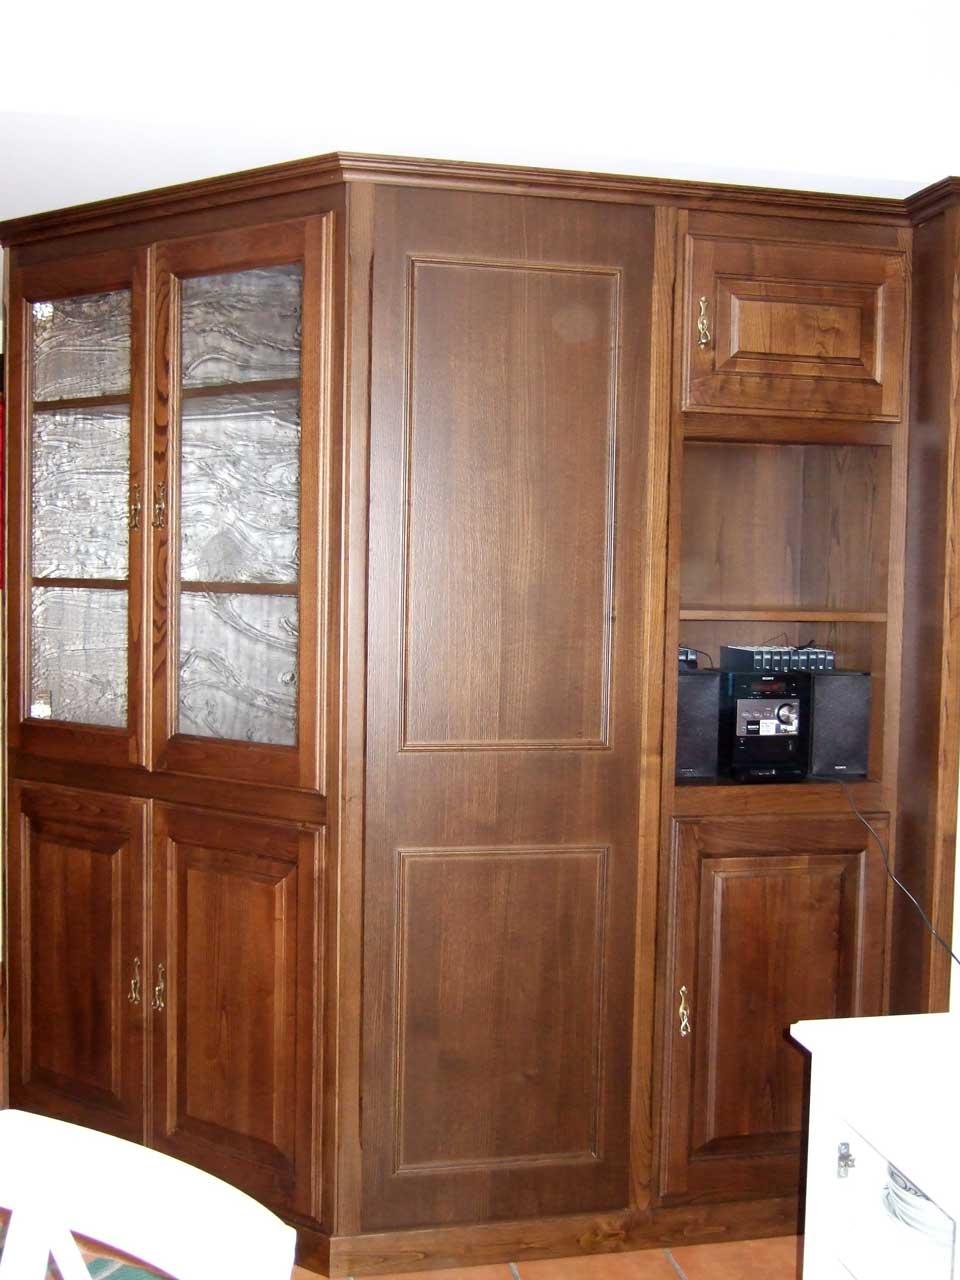 Mueble de castaño teñido